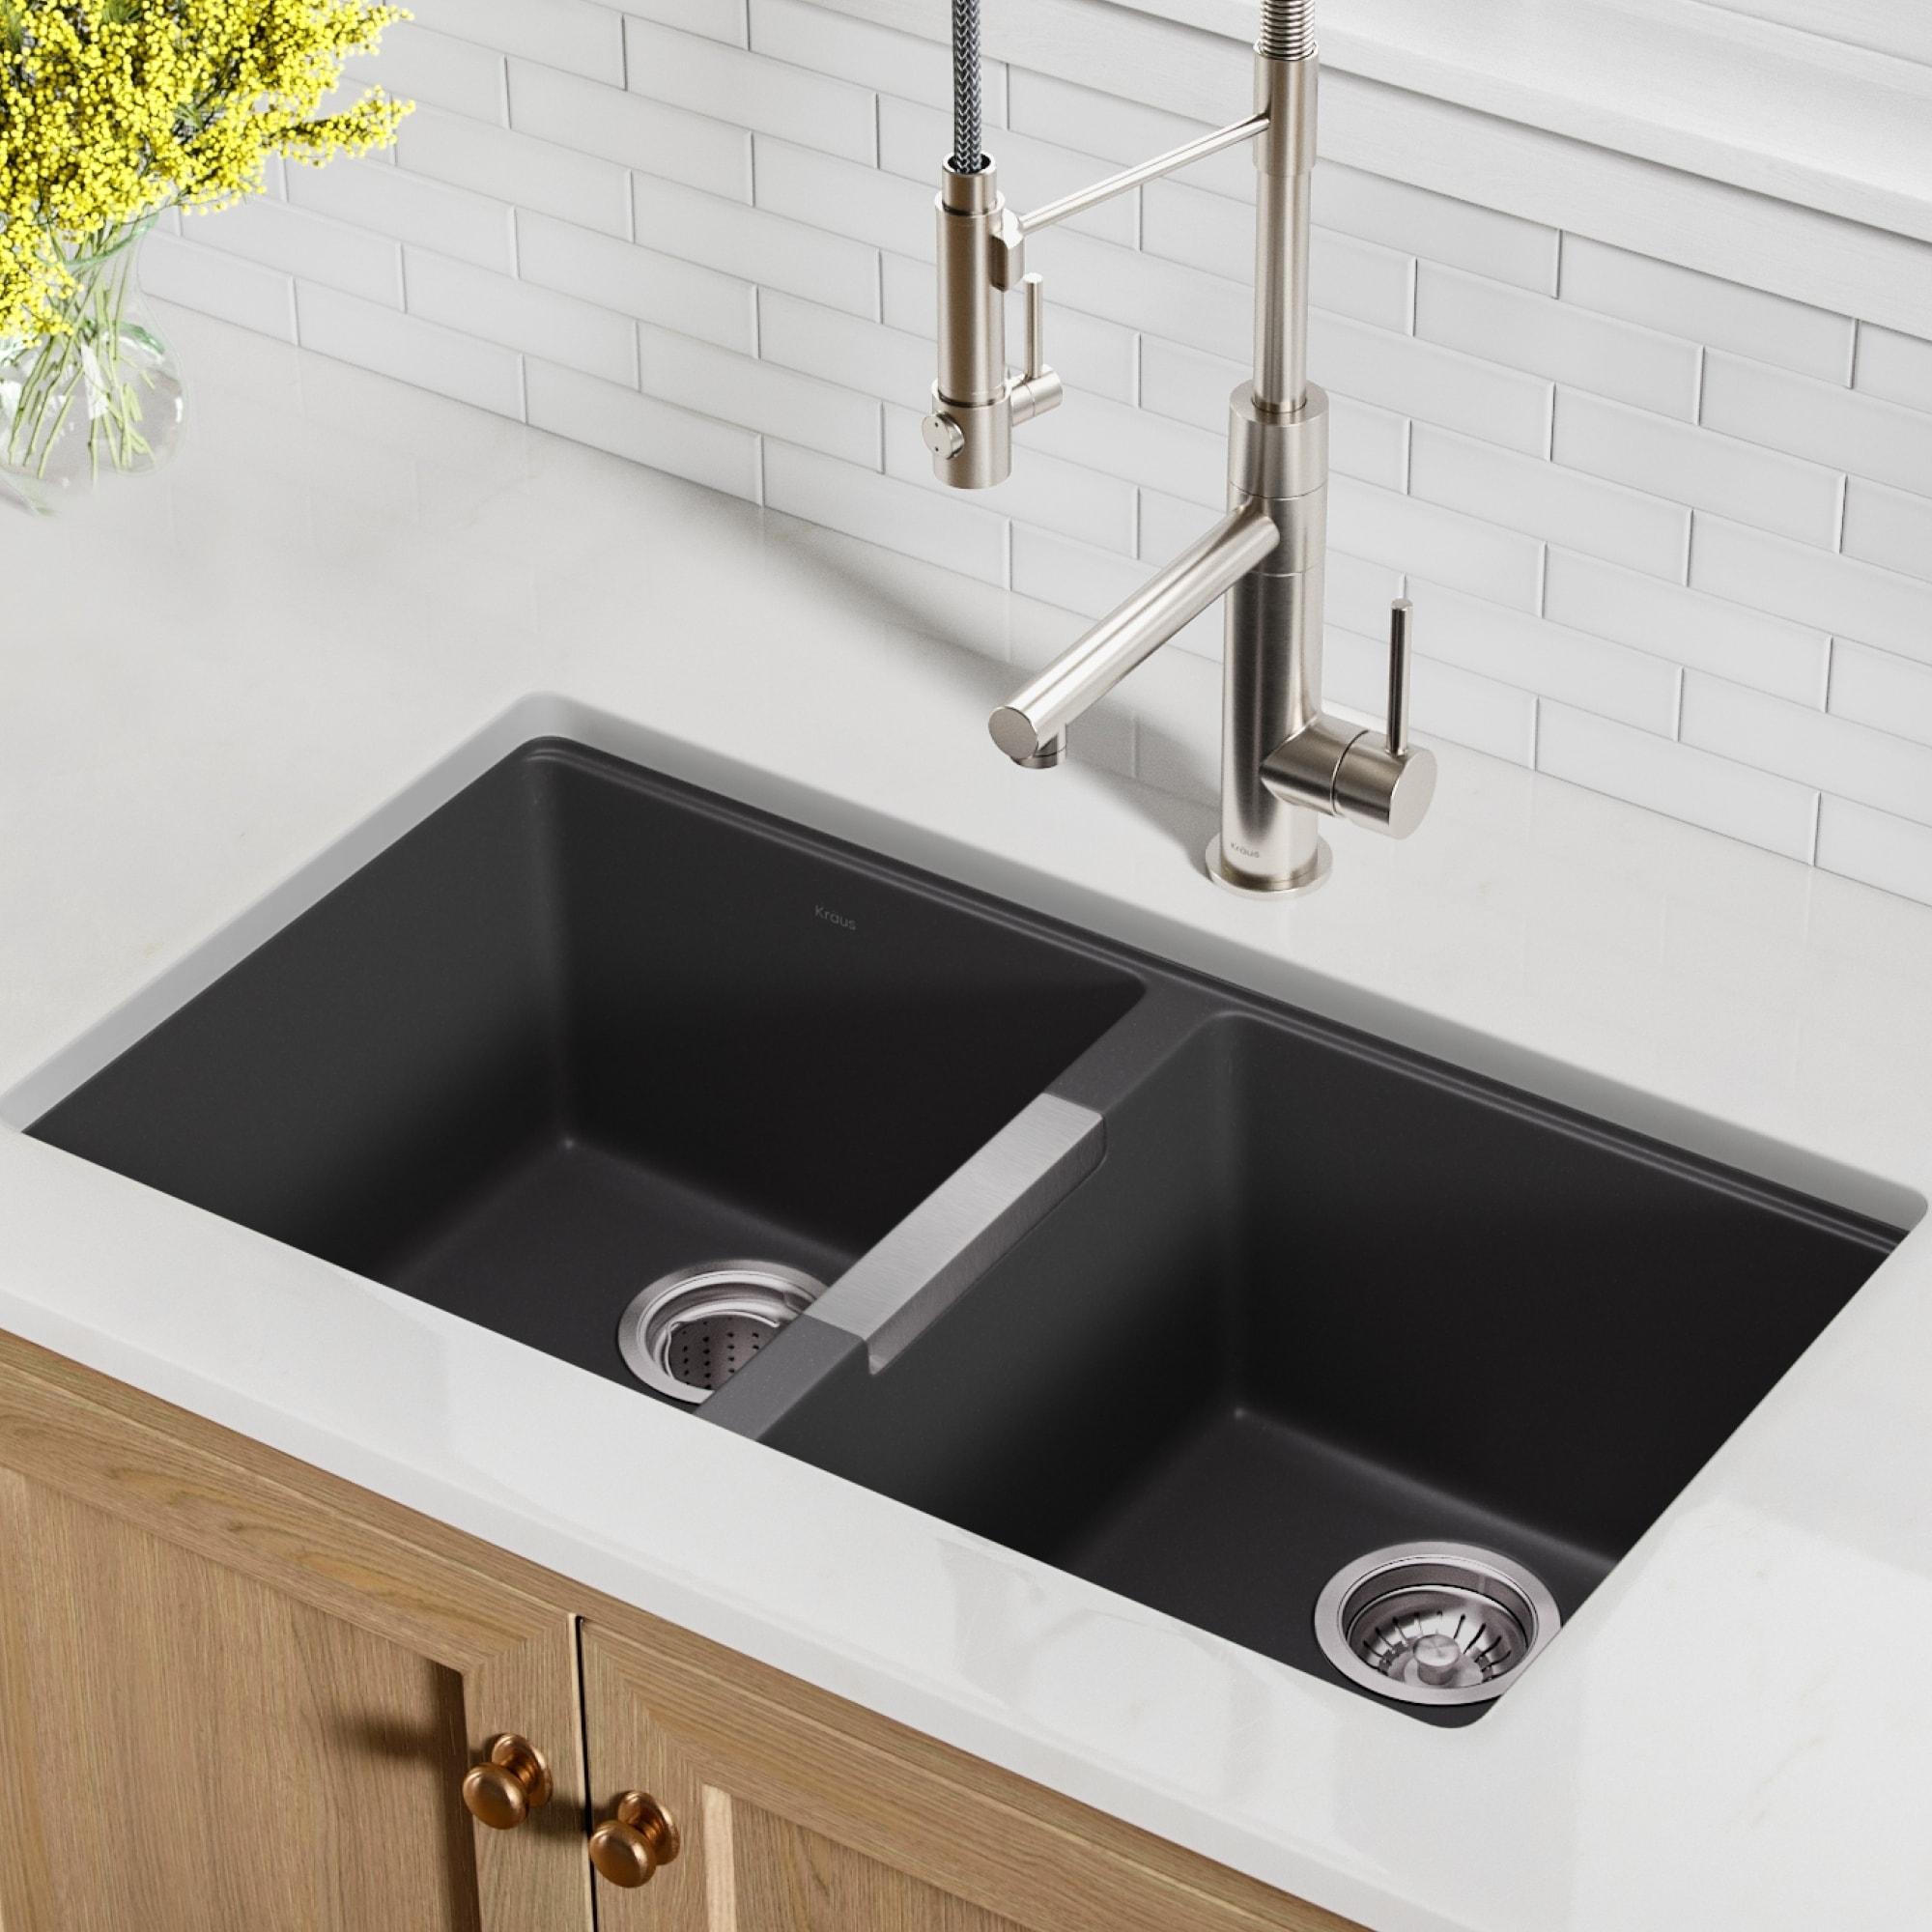 Kraus KGU-434B Undermount 33 inch 2-Bowl Granite Kitchen Sink